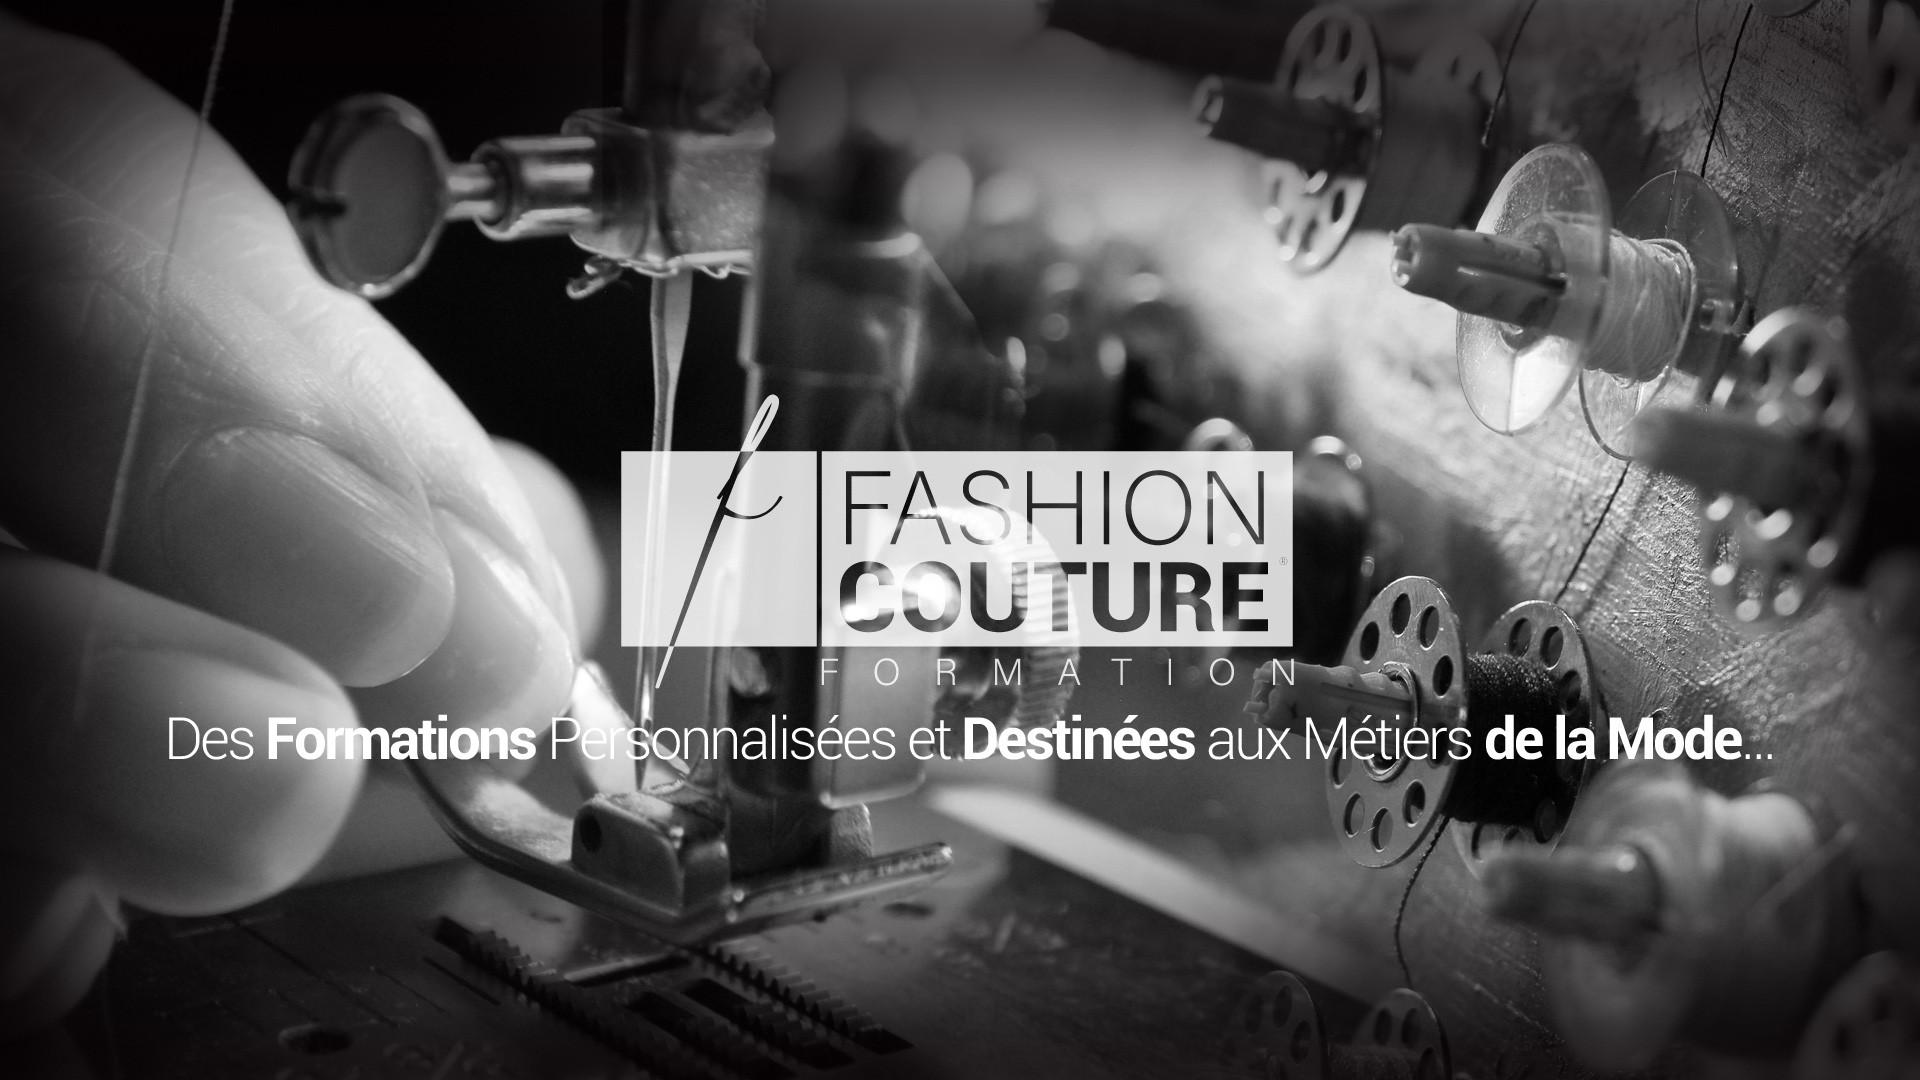 Des Formations Personnalisées et Destinées aux métiers de la mode...